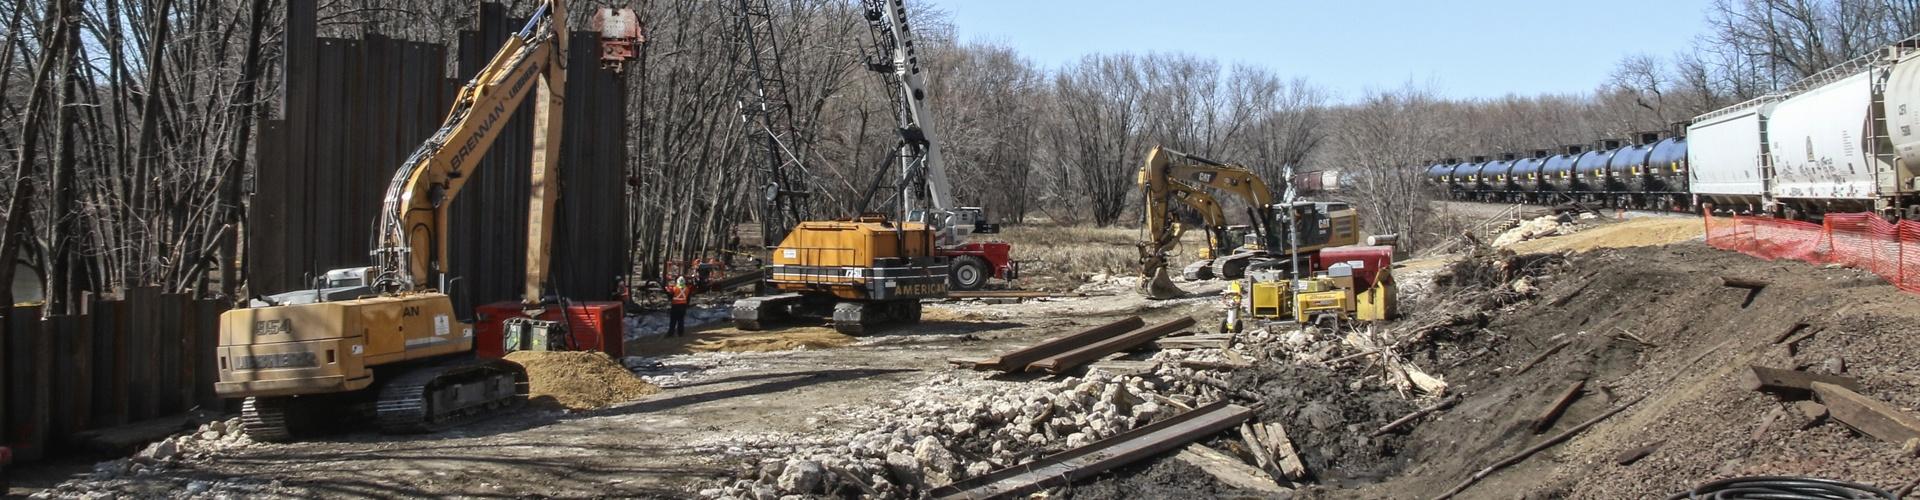 derailment response, railroad construction, railroad cleanup, derailment cleanup, environmental response, railroad contractor